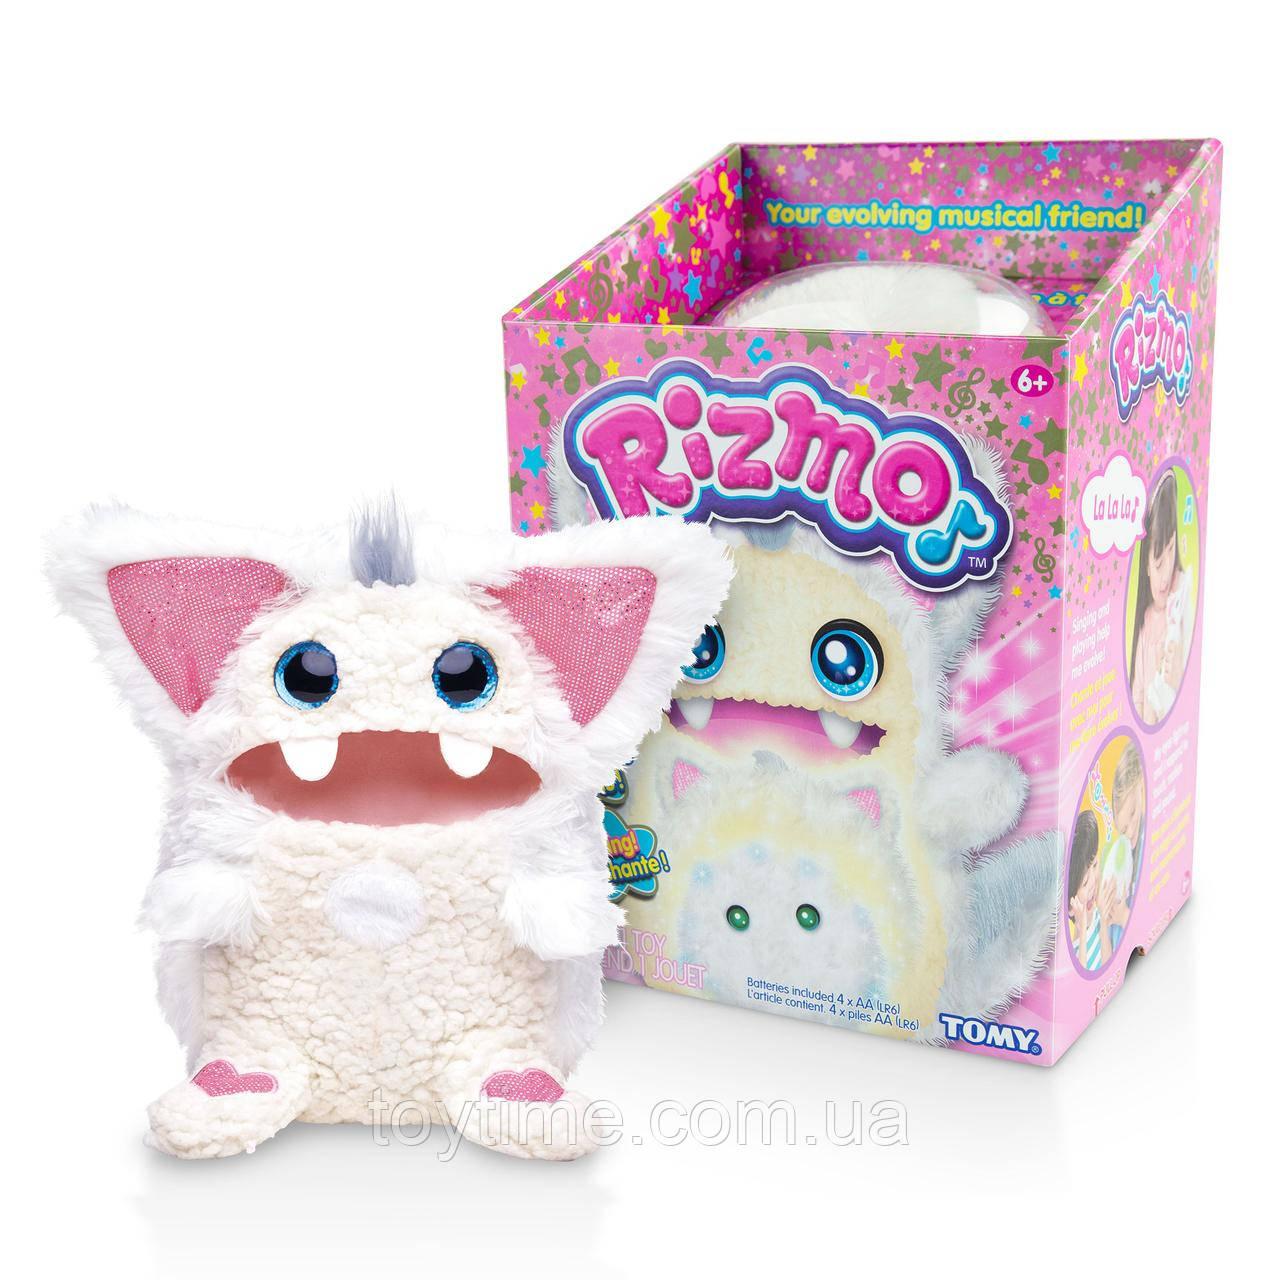 Интерактивная игрушка Ризмо Snow от Tomy (белый) / Rizmo Snow Evolving Musical Friend Interactive Plush Toy